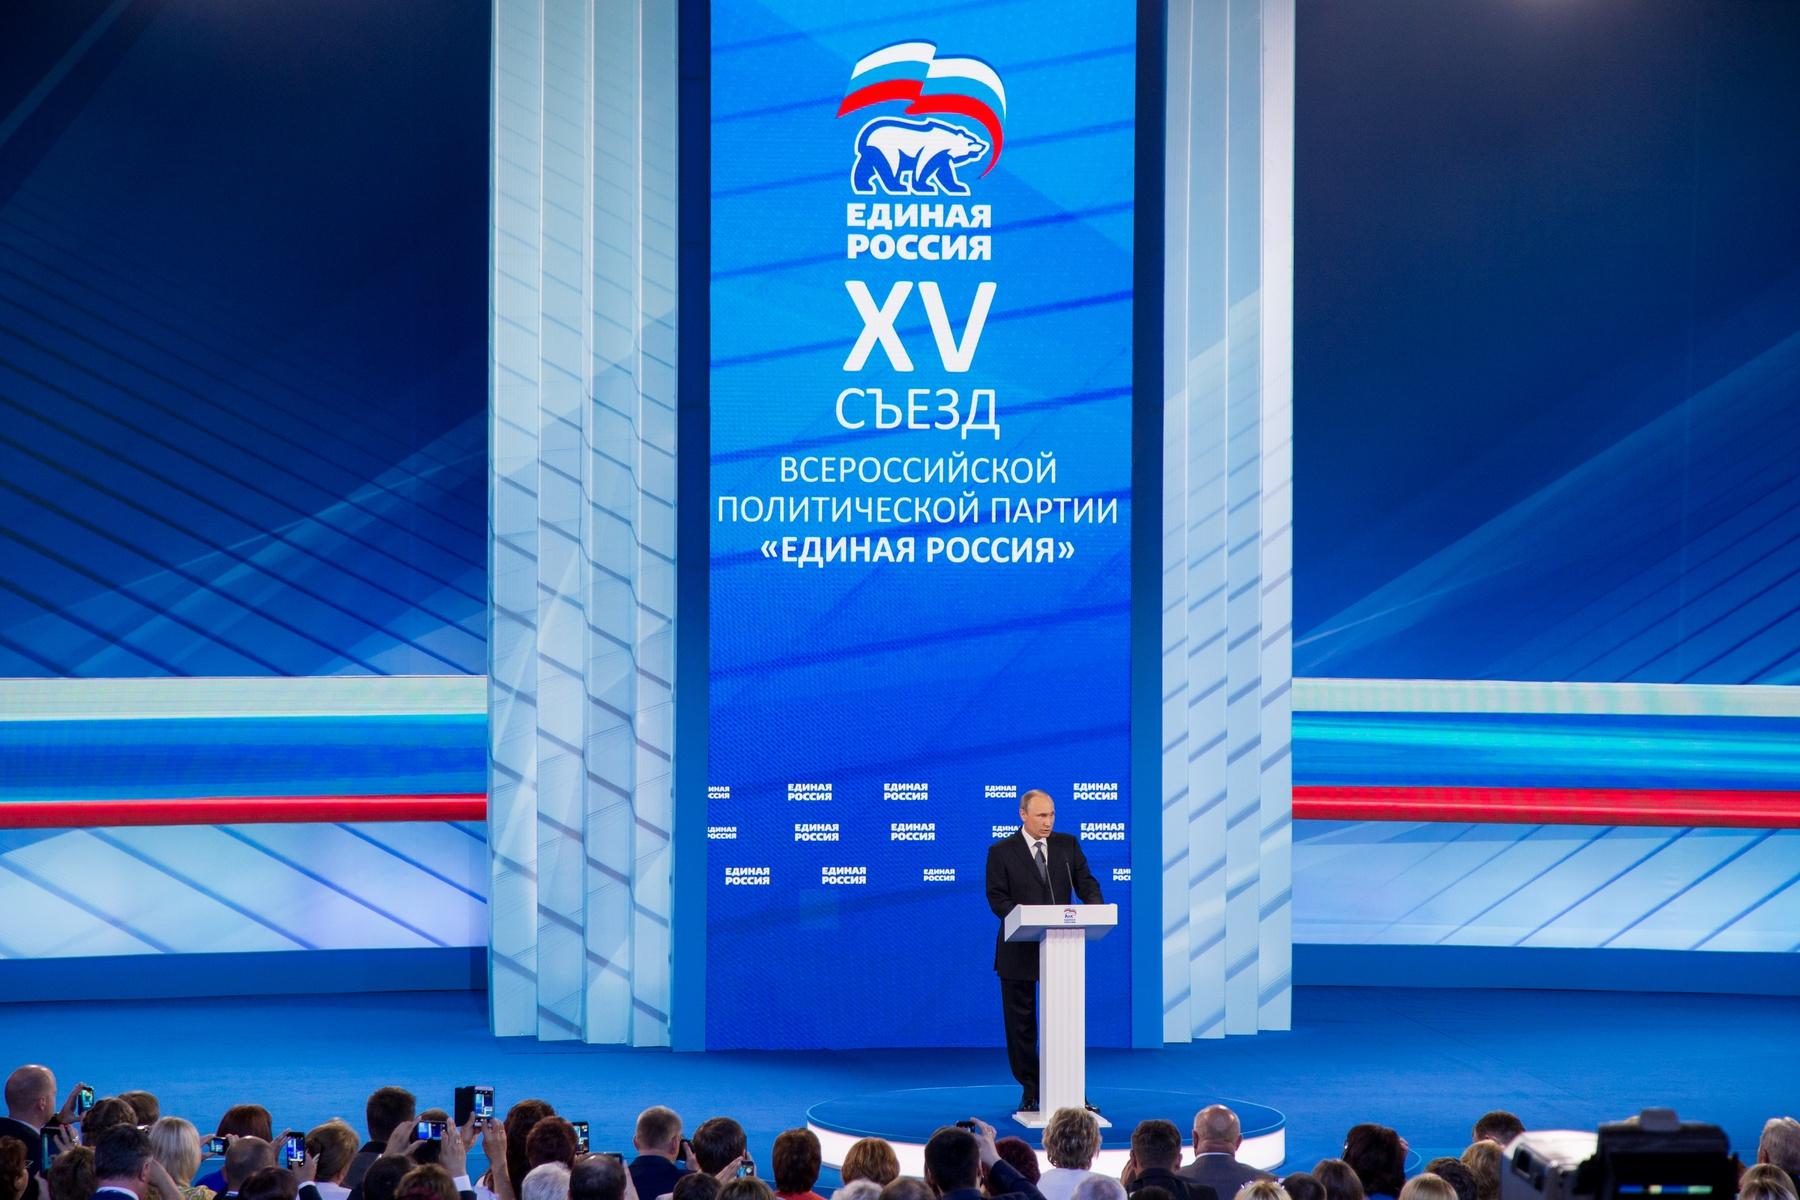 chlen-politicheskoy-partii